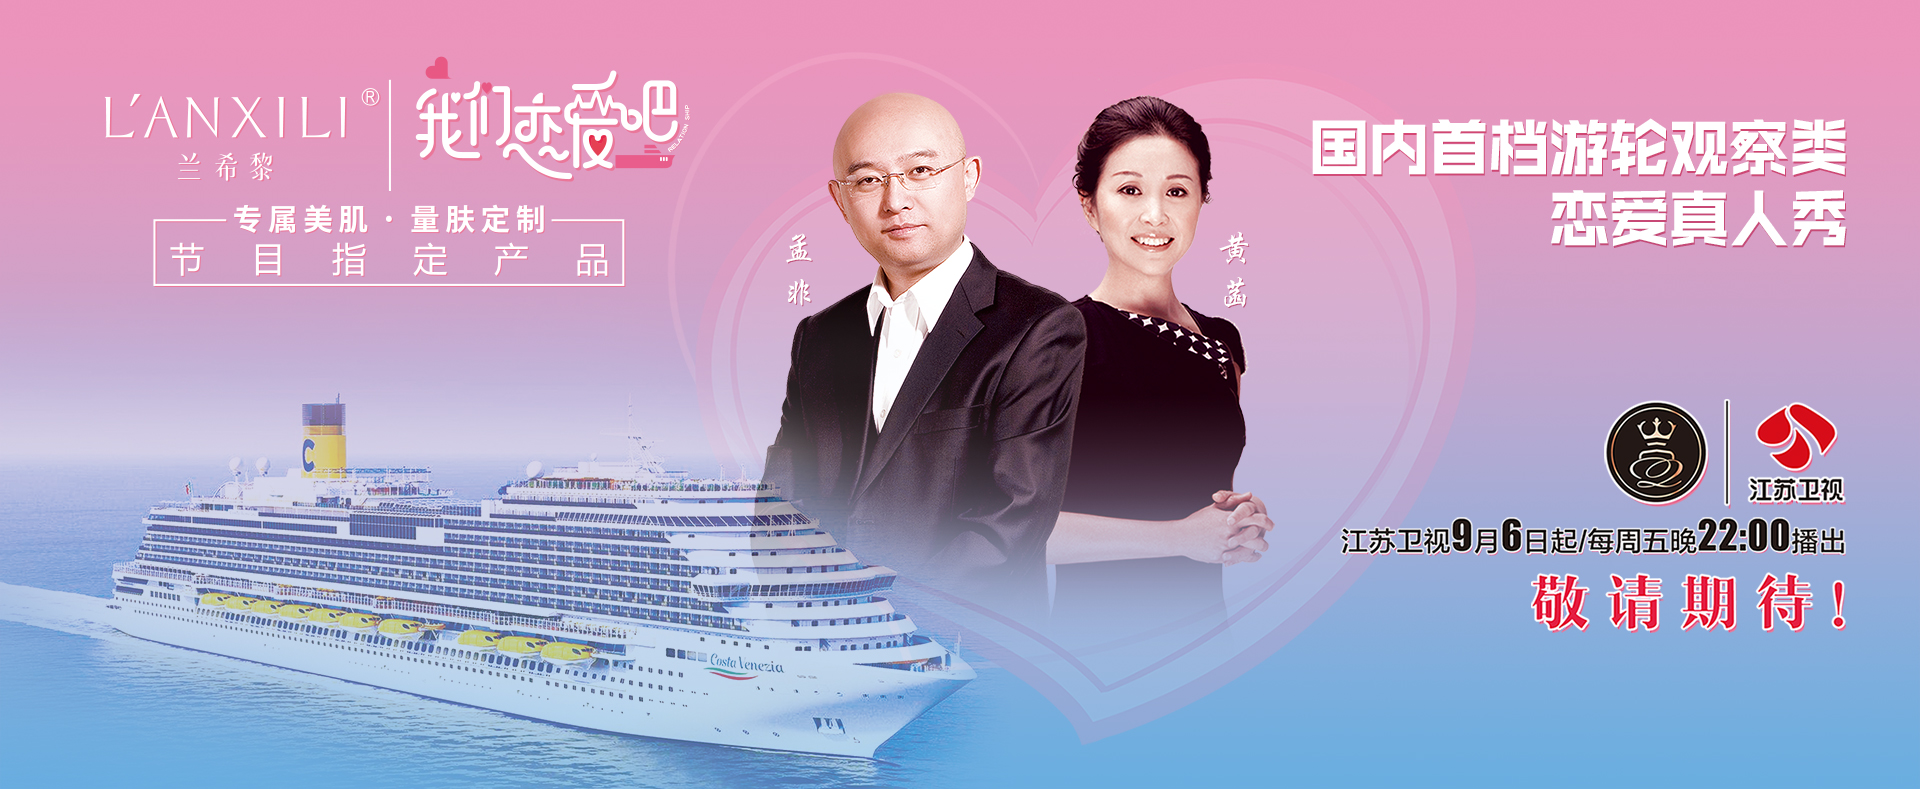 兰希黎携手江苏卫视《我们恋爱吧》